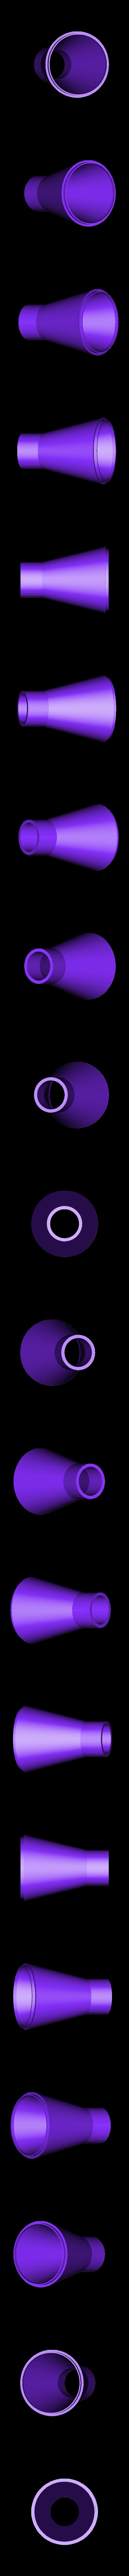 base.stl Télécharger fichier STL Fusée M72 • Design pour imprimante 3D, Punisher_4u